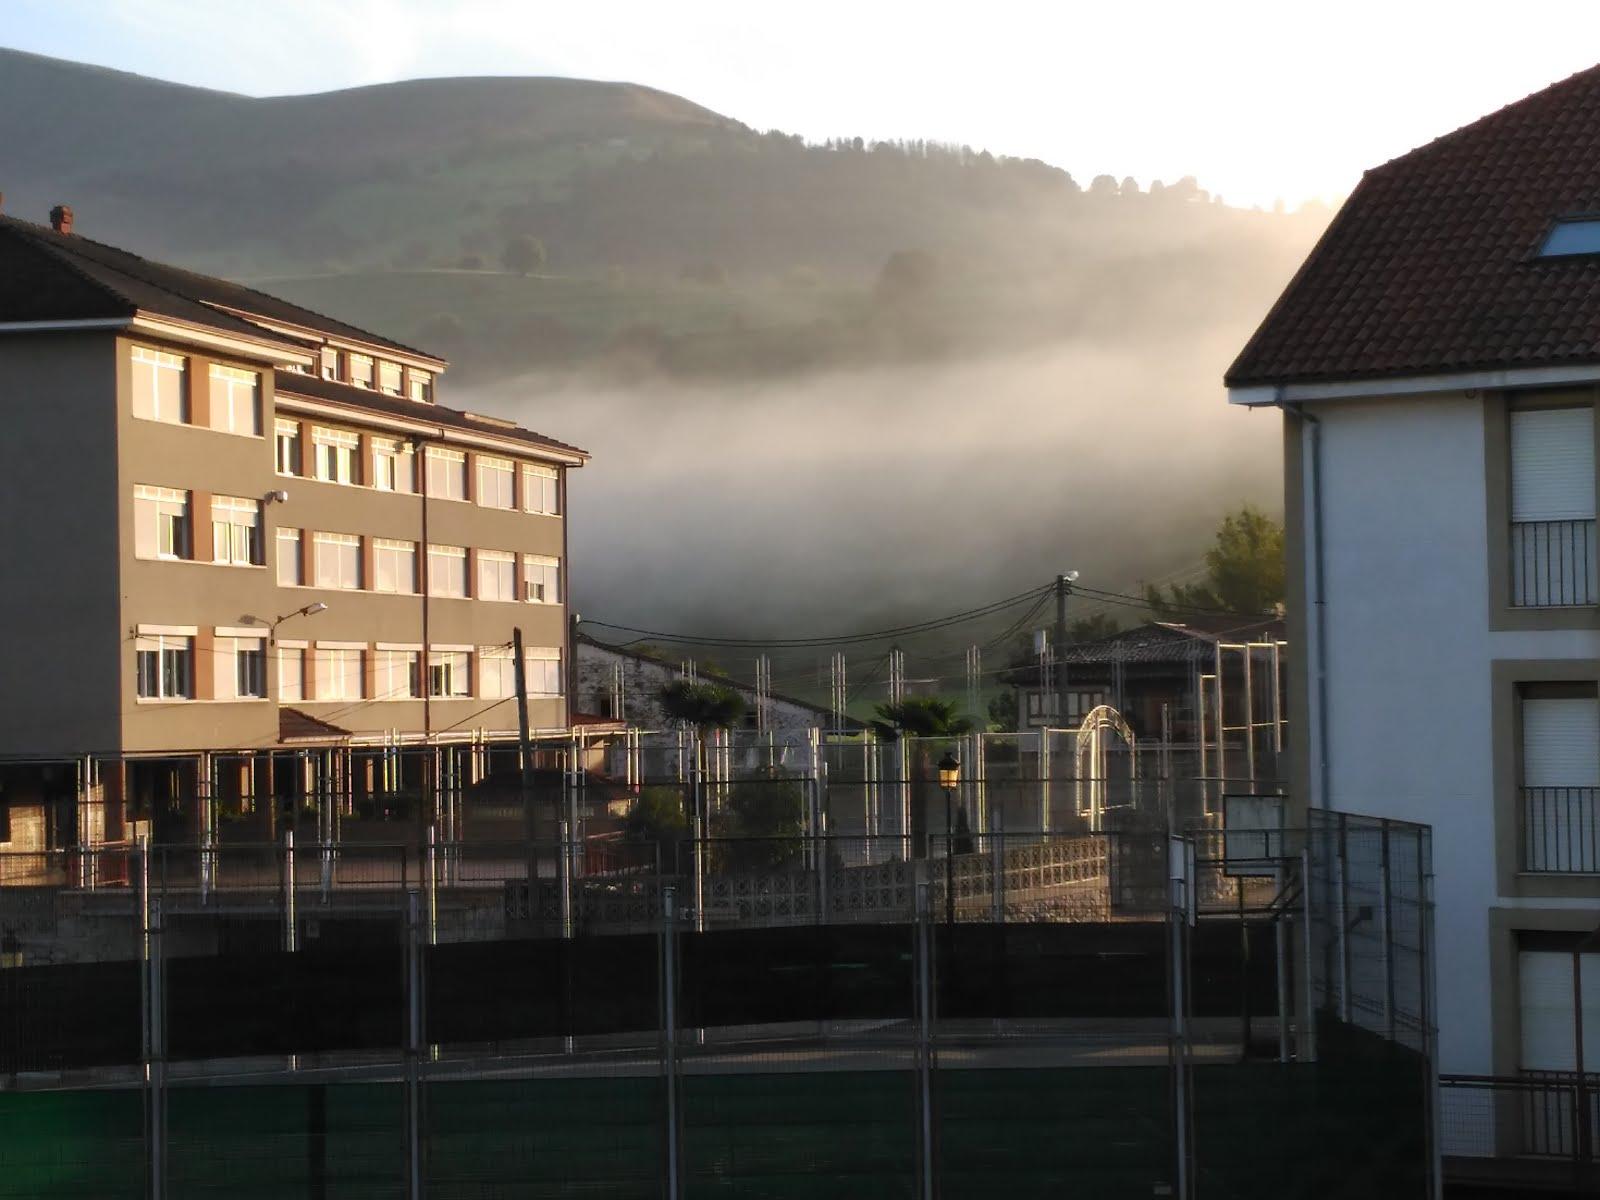 Nuestro cole con niebla